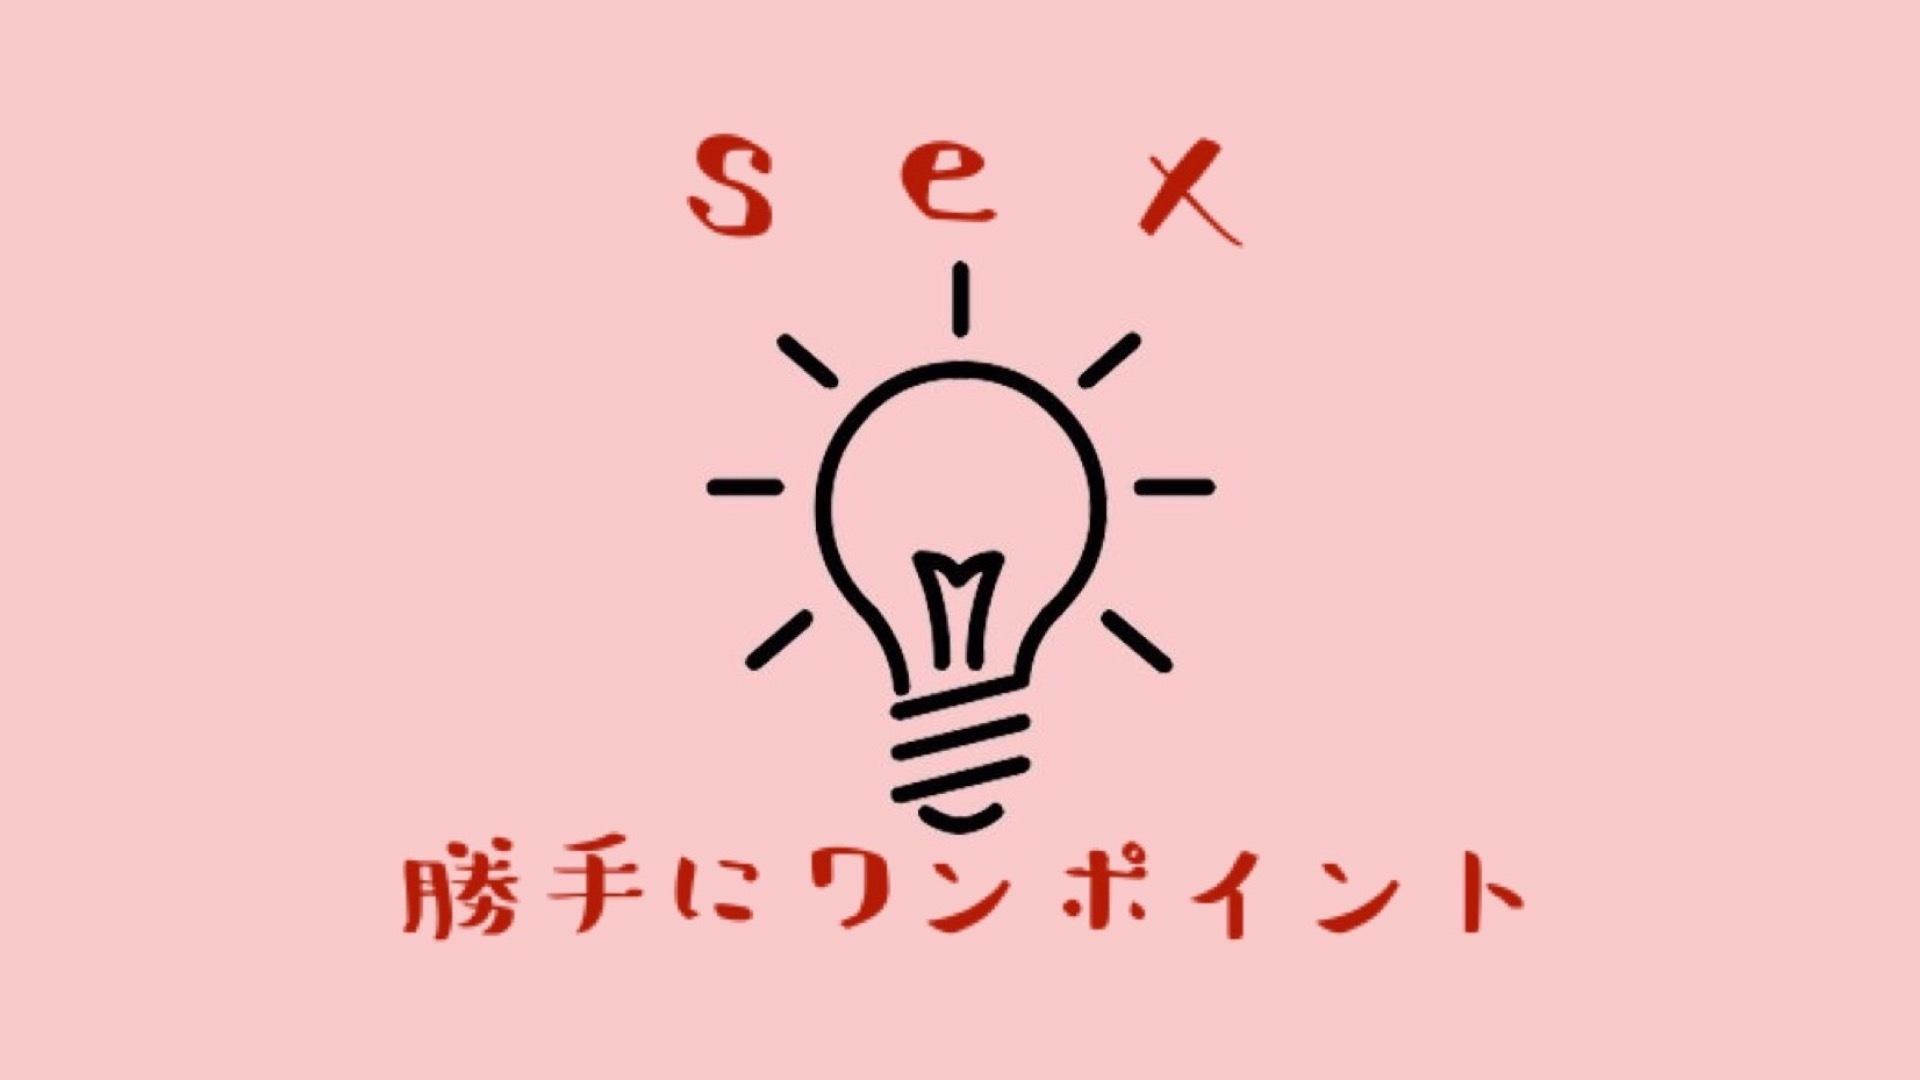 love&sex勝手にワンポイント